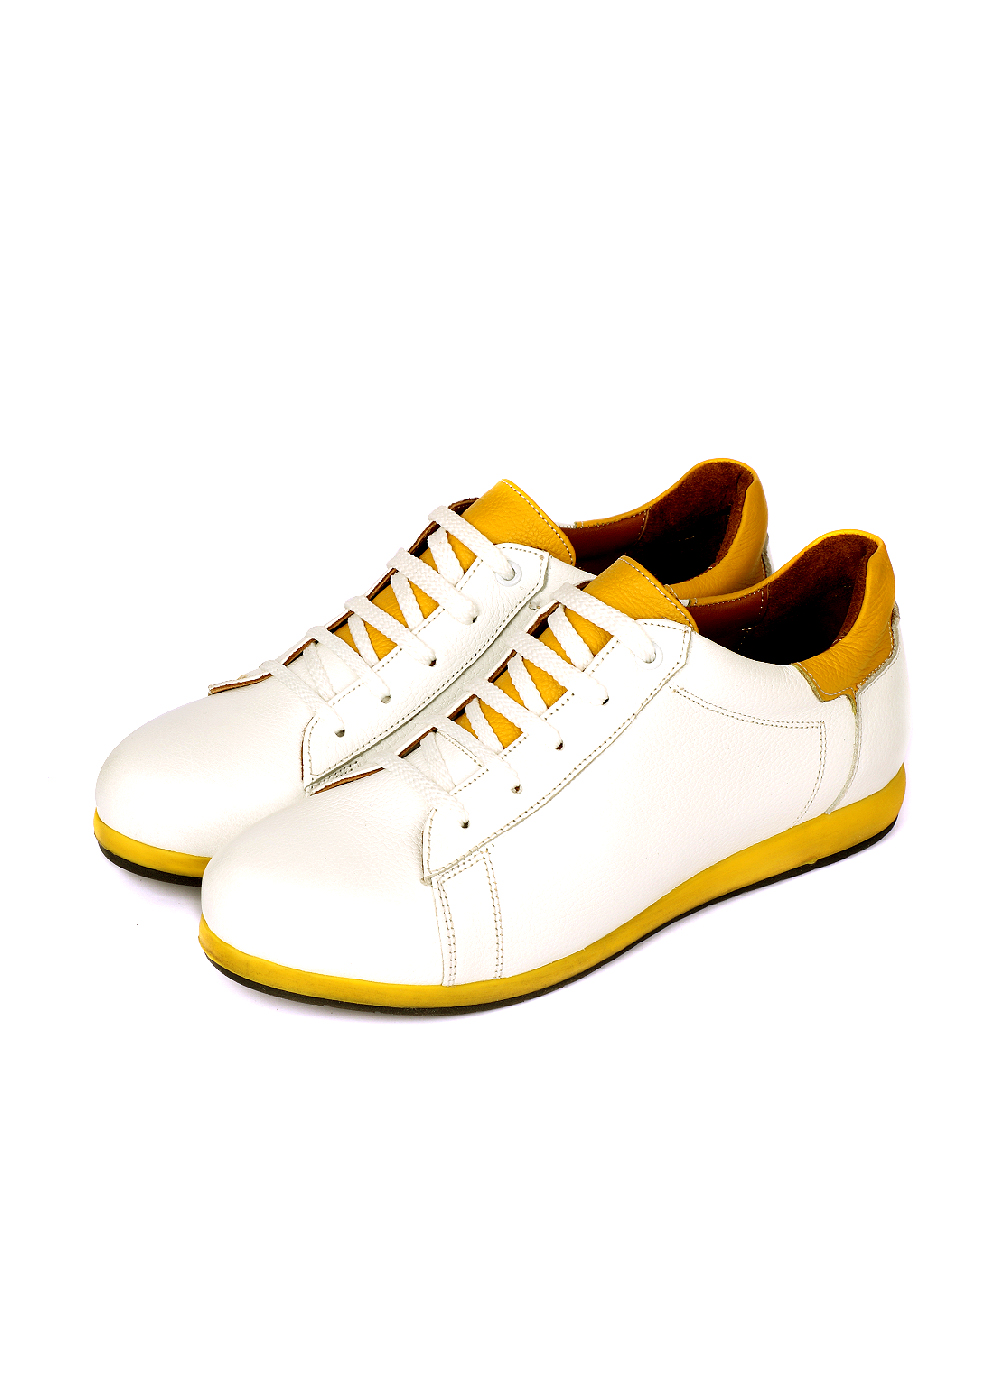 کفش چرم اسپرت کروکو یکی از زیباترین مدل های موجود در فروشگاه